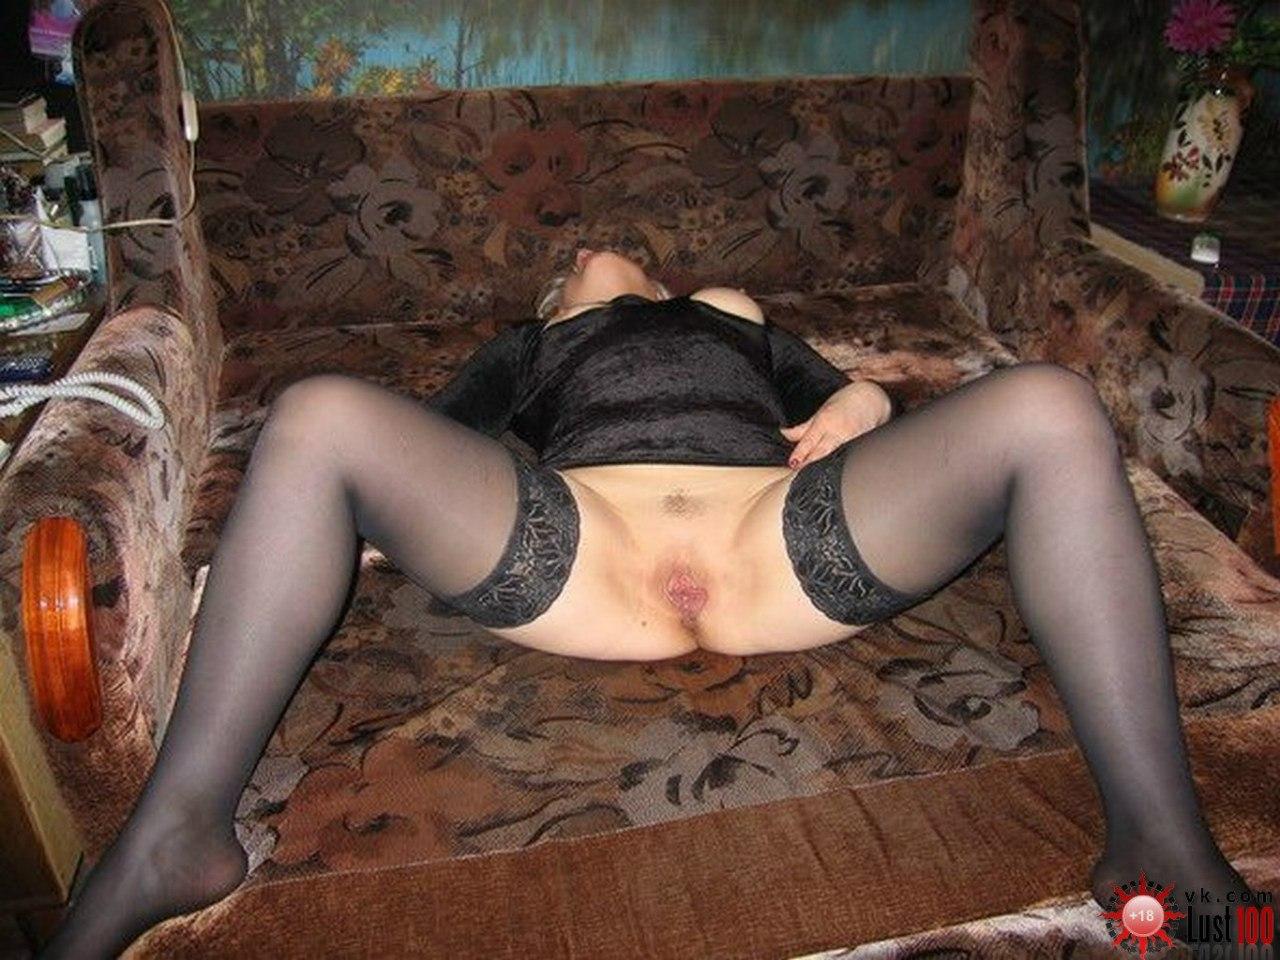 Русский сайт про колготки фото эротика нейлон 10 фотография